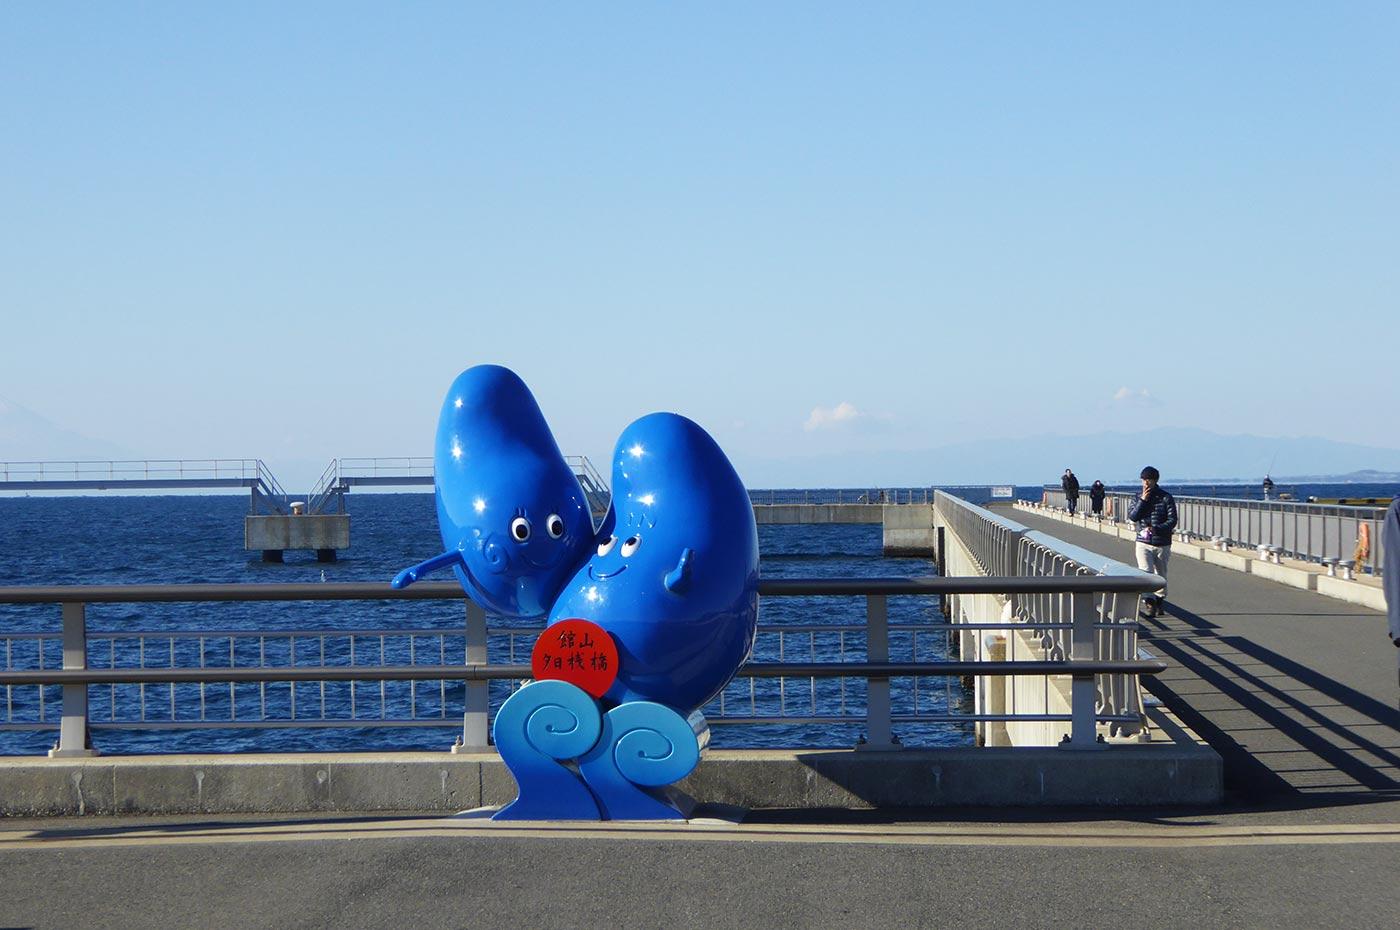 館山夕日桟橋の海ほたるのモニュメント